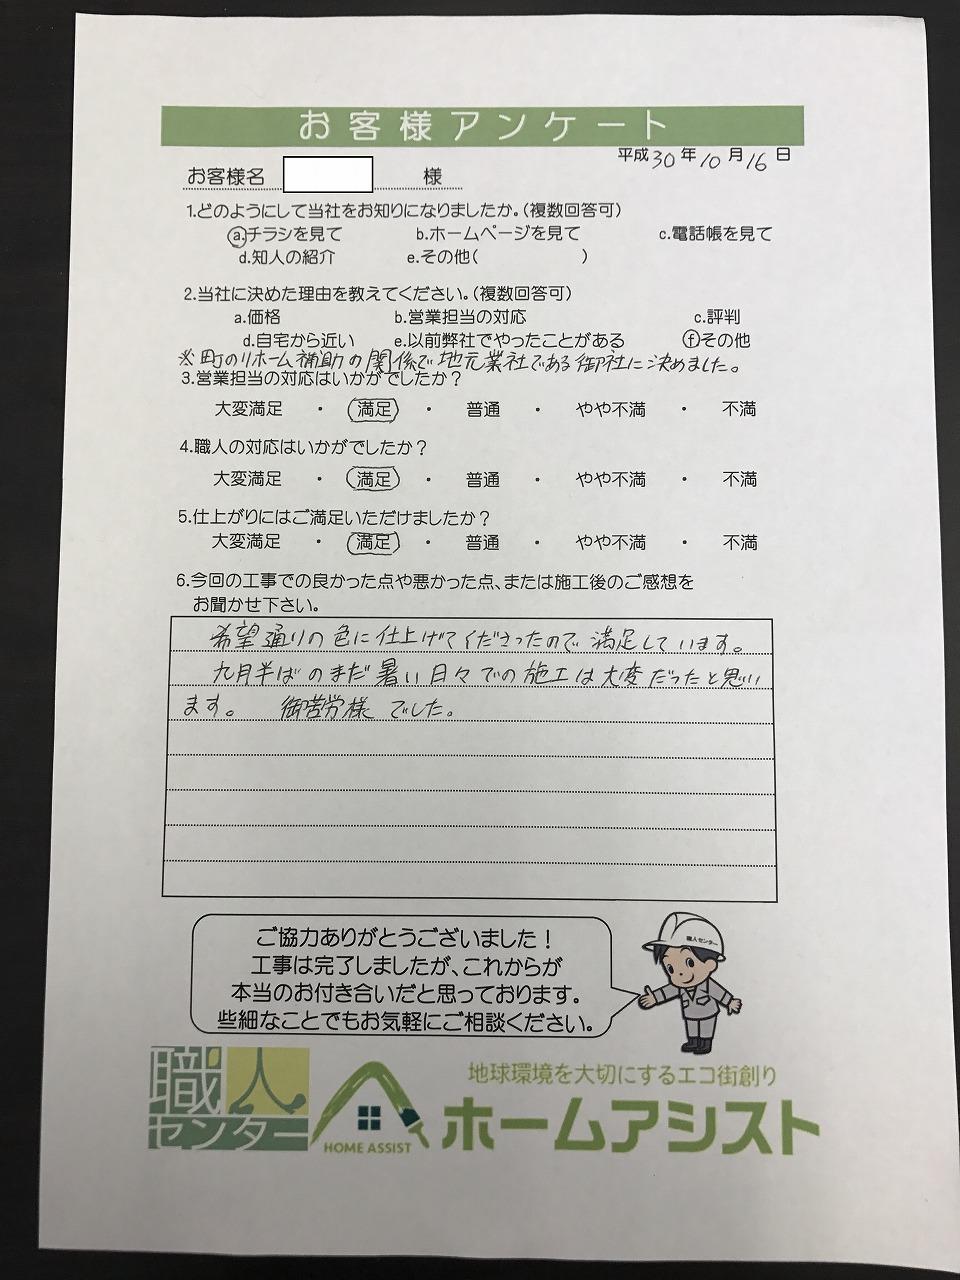 久保田様アンケート